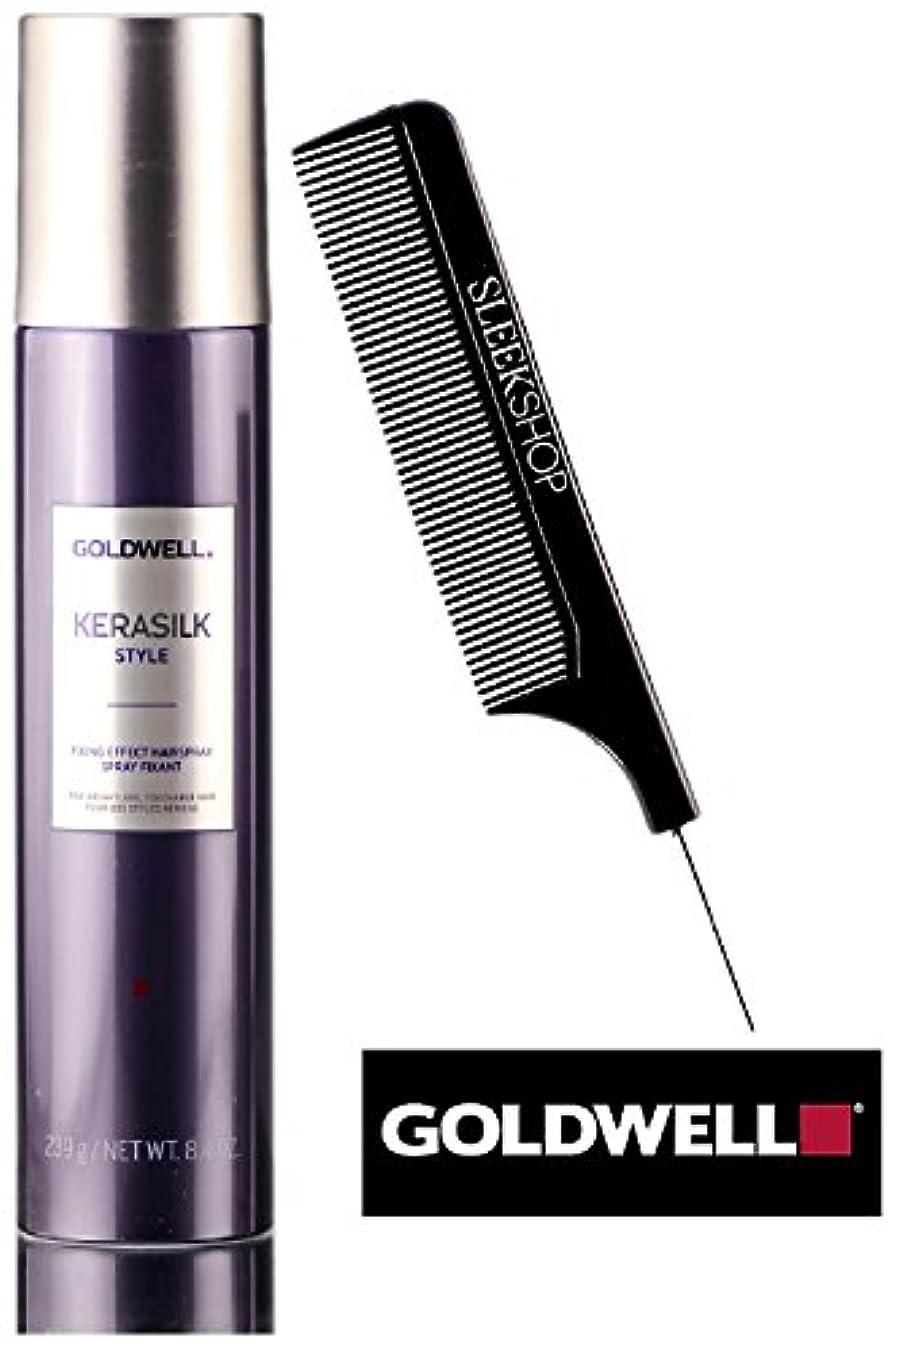 質素なアコードネットKerasilk Hair Spray by Goldwell エフェクトヘアスプレーを修正Goldwell KERASILK STYLE(と洗練されたスチールピンテールくし)無重力のため、触れることができるヘアー 8.4...